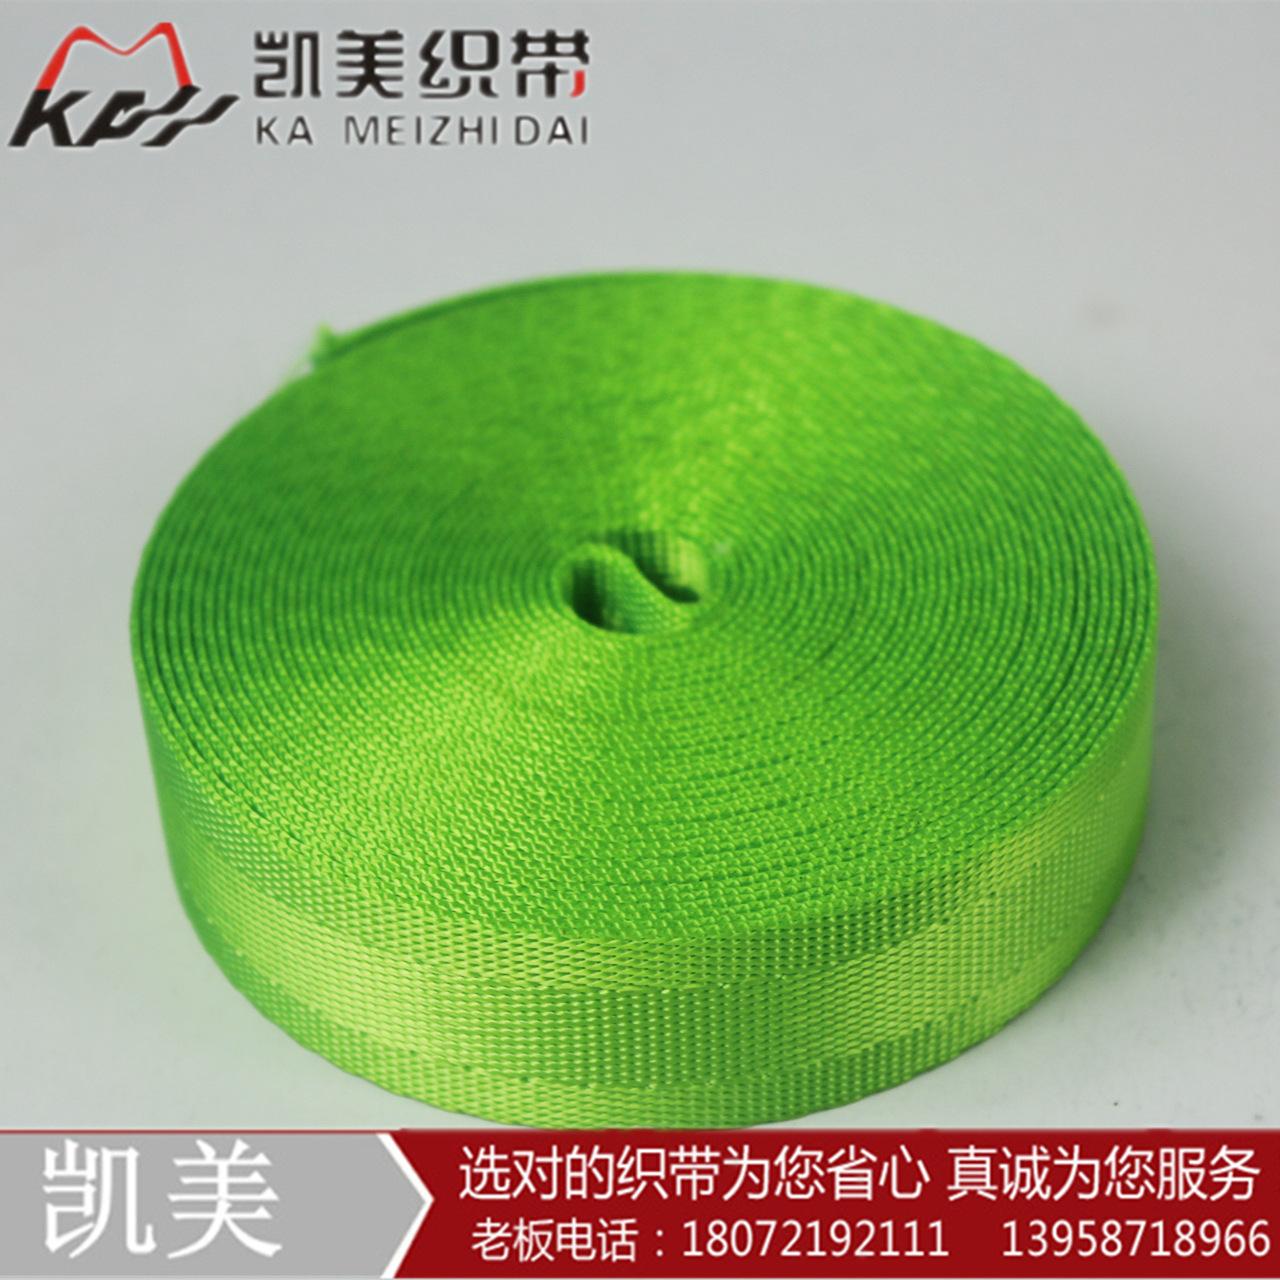 供应用于箱包生产的25MM三斜纹涤纶箱包带 双人字斜纹